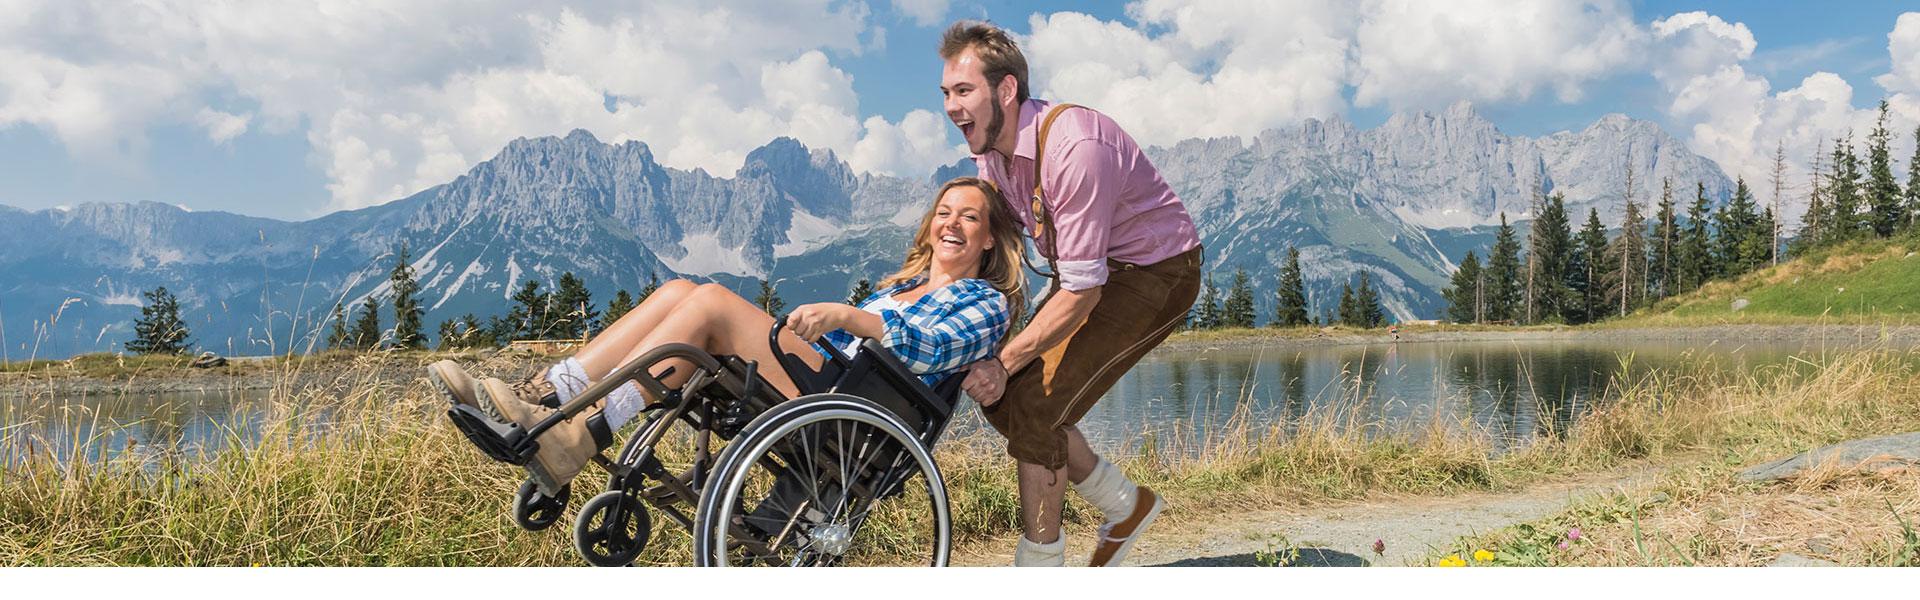 Junges Paar im Rollstuhl an einem Bergsee mit dem Wilden Kaiser im Hintergrund